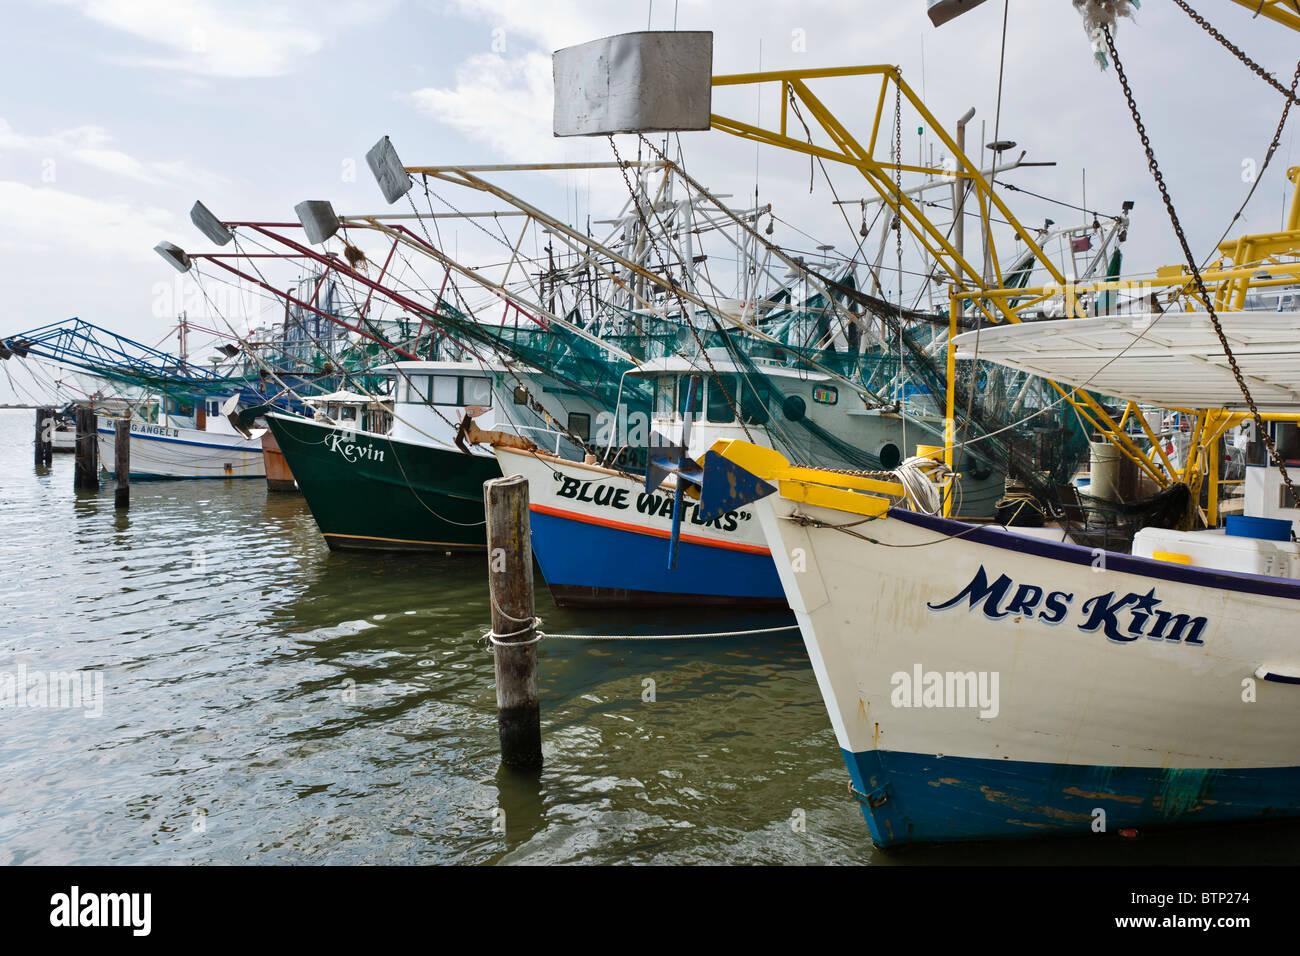 Bateaux de crevettes dans le port à Biloxi, la Côte du Golfe, Mississippi, États-Unis Photo Stock